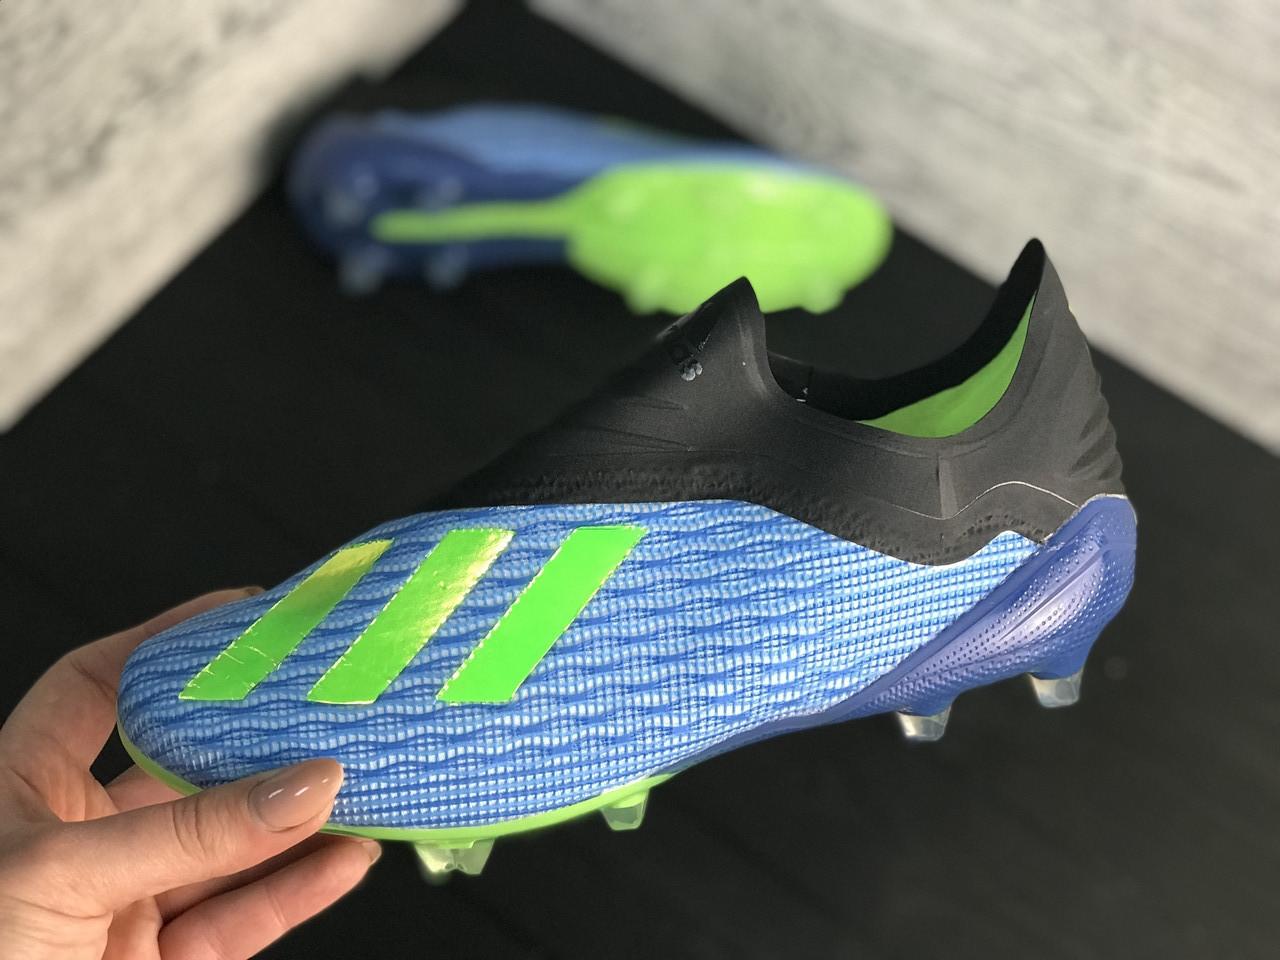 Бутсы Adidas X 18.1 / копы адидас/без шнурков(реплика) - 45